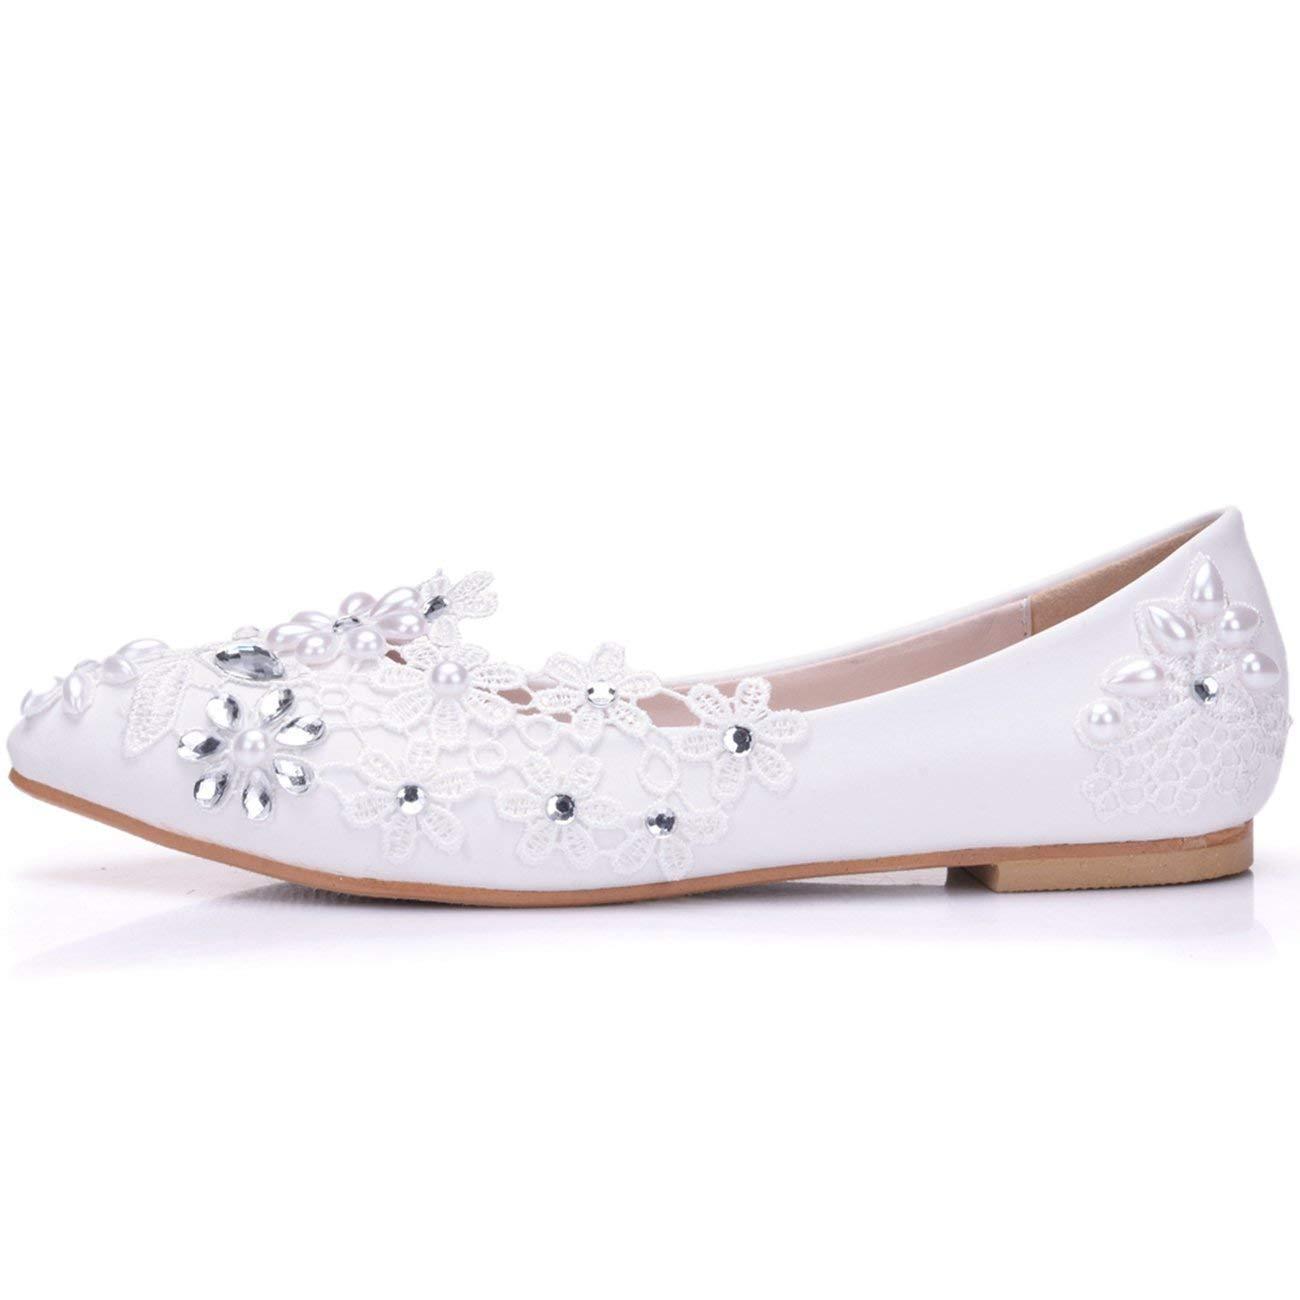 Qiusa Damen Strass Blaumen Weiß Satin Braut Hochzeit Wohnungen Wohnungen Wohnungen Mode Kleid Ballett UK 7 (Farbe   - Größe   -) 1c60ae